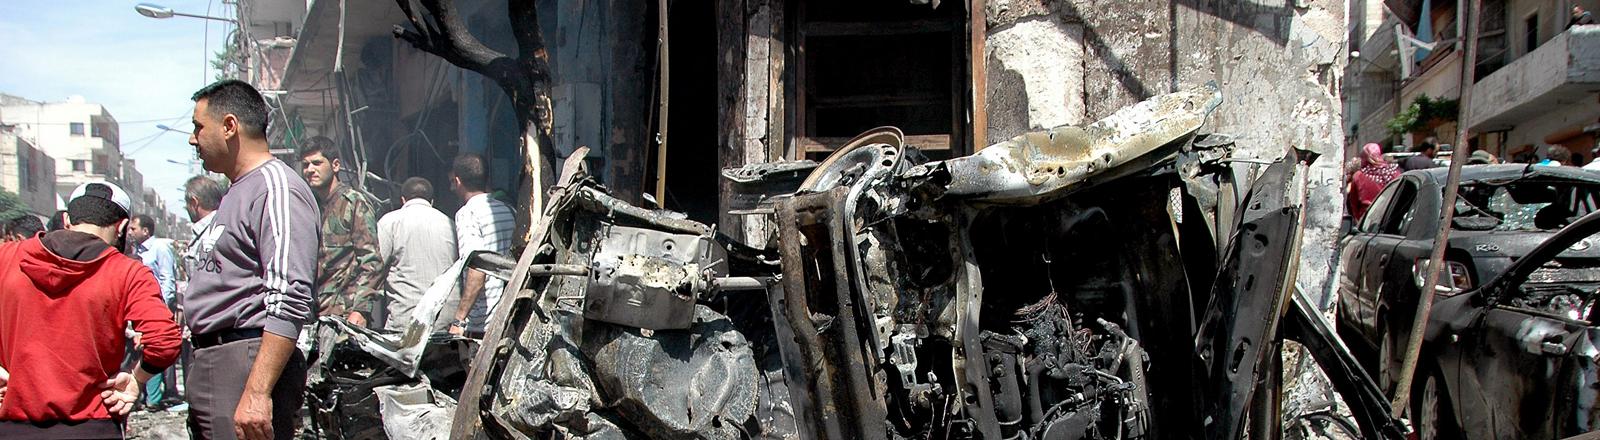 Homs: Nach einem Anschlag in einem von Assads Truppen kontrollierten Viertel.